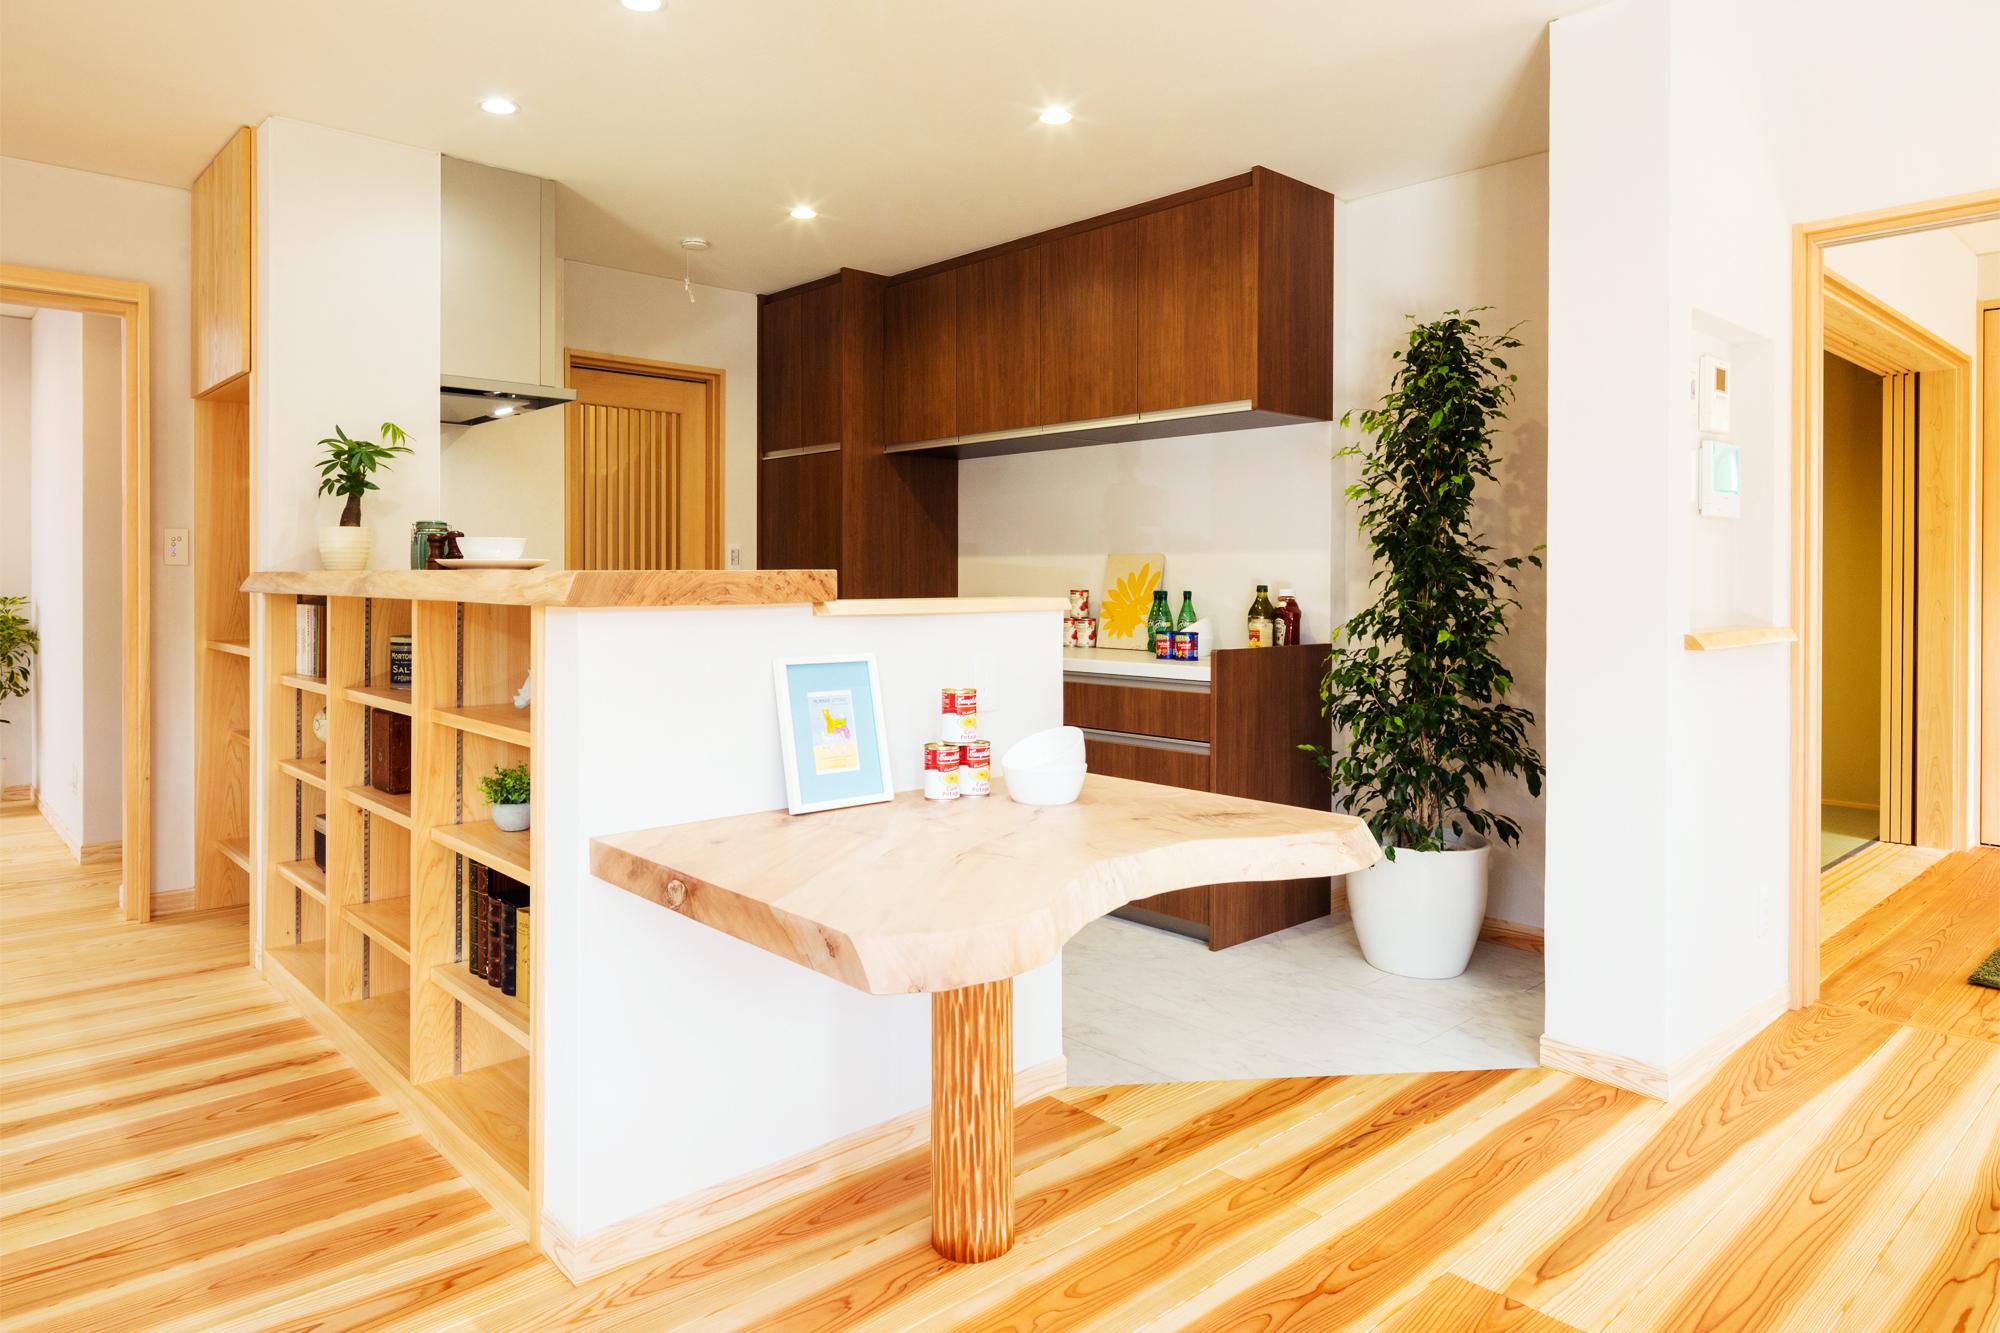 キッチンカウンターとテーブルは無垢の栃